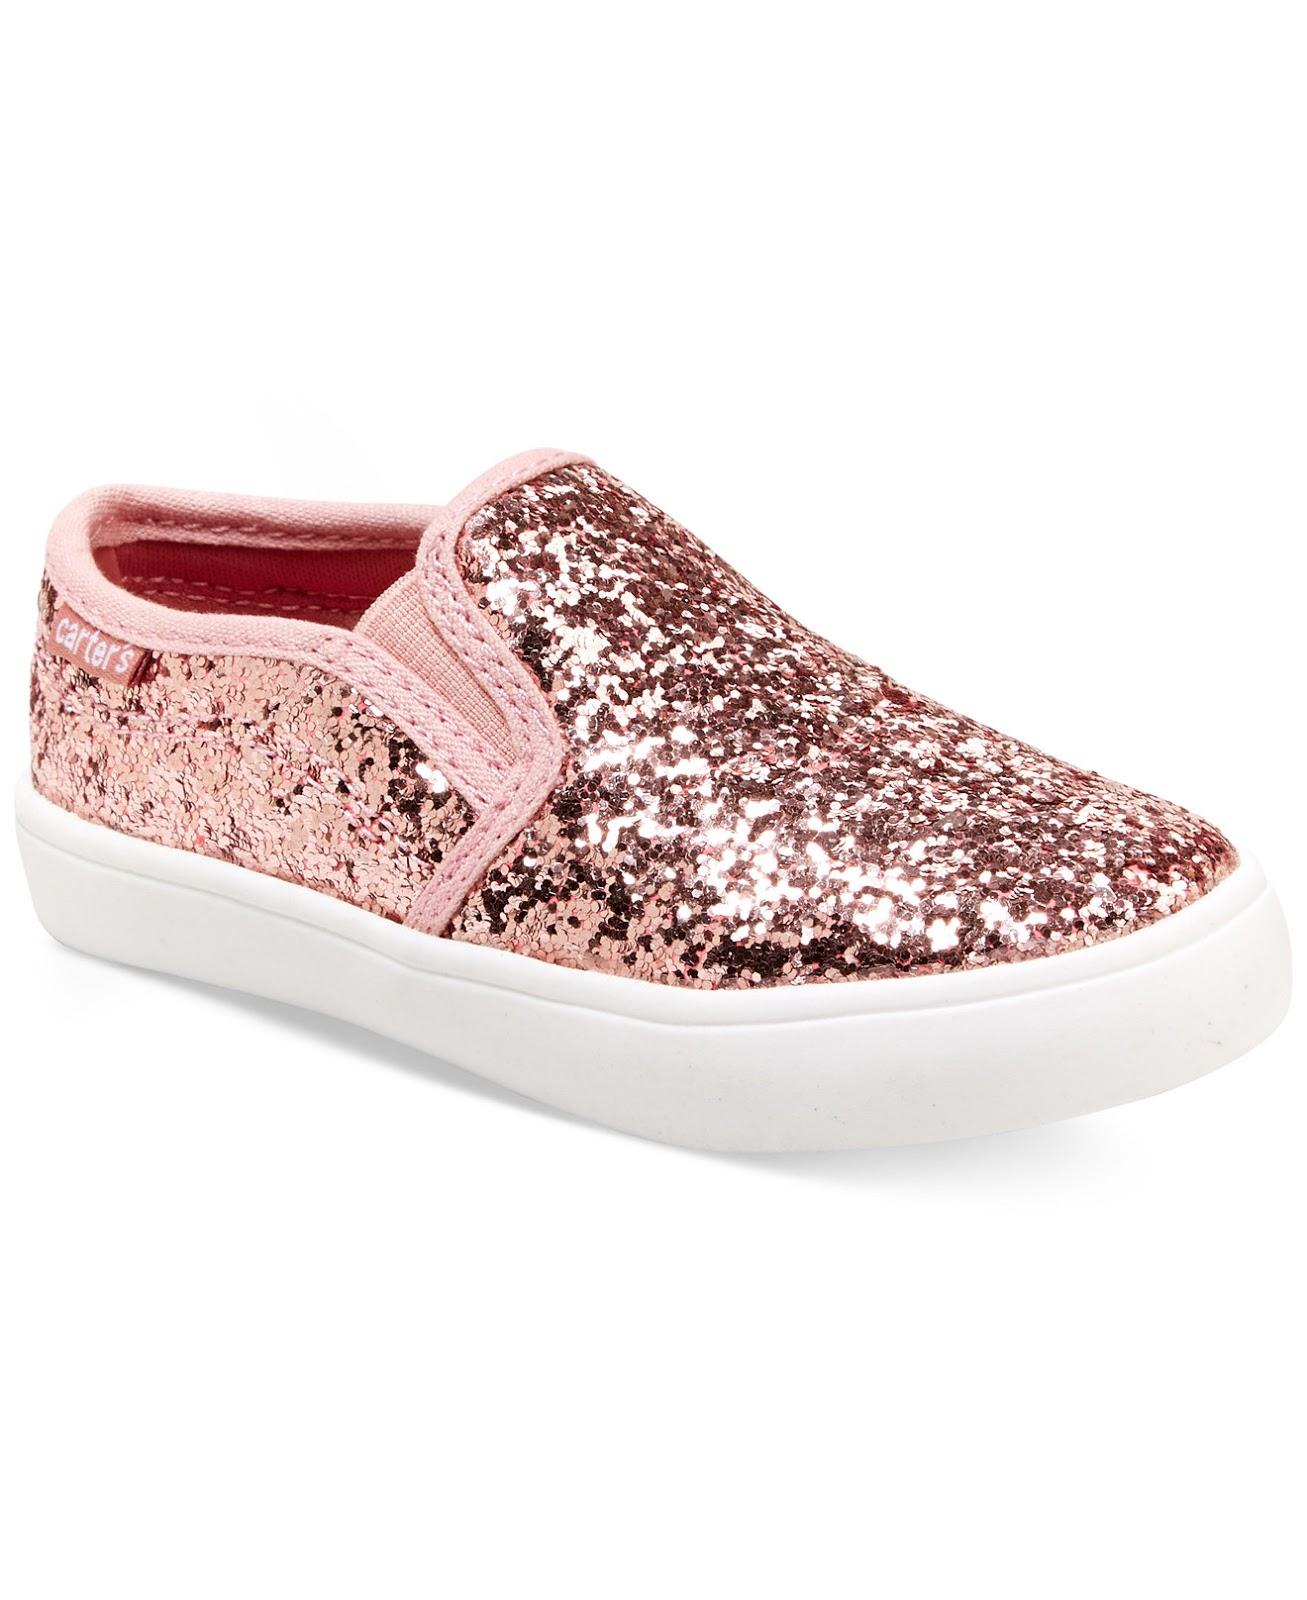 0170de05 Imágenes de zapatos para niña ¡16 HERMOSOS MODELOS! | Zapatos, Botas ...